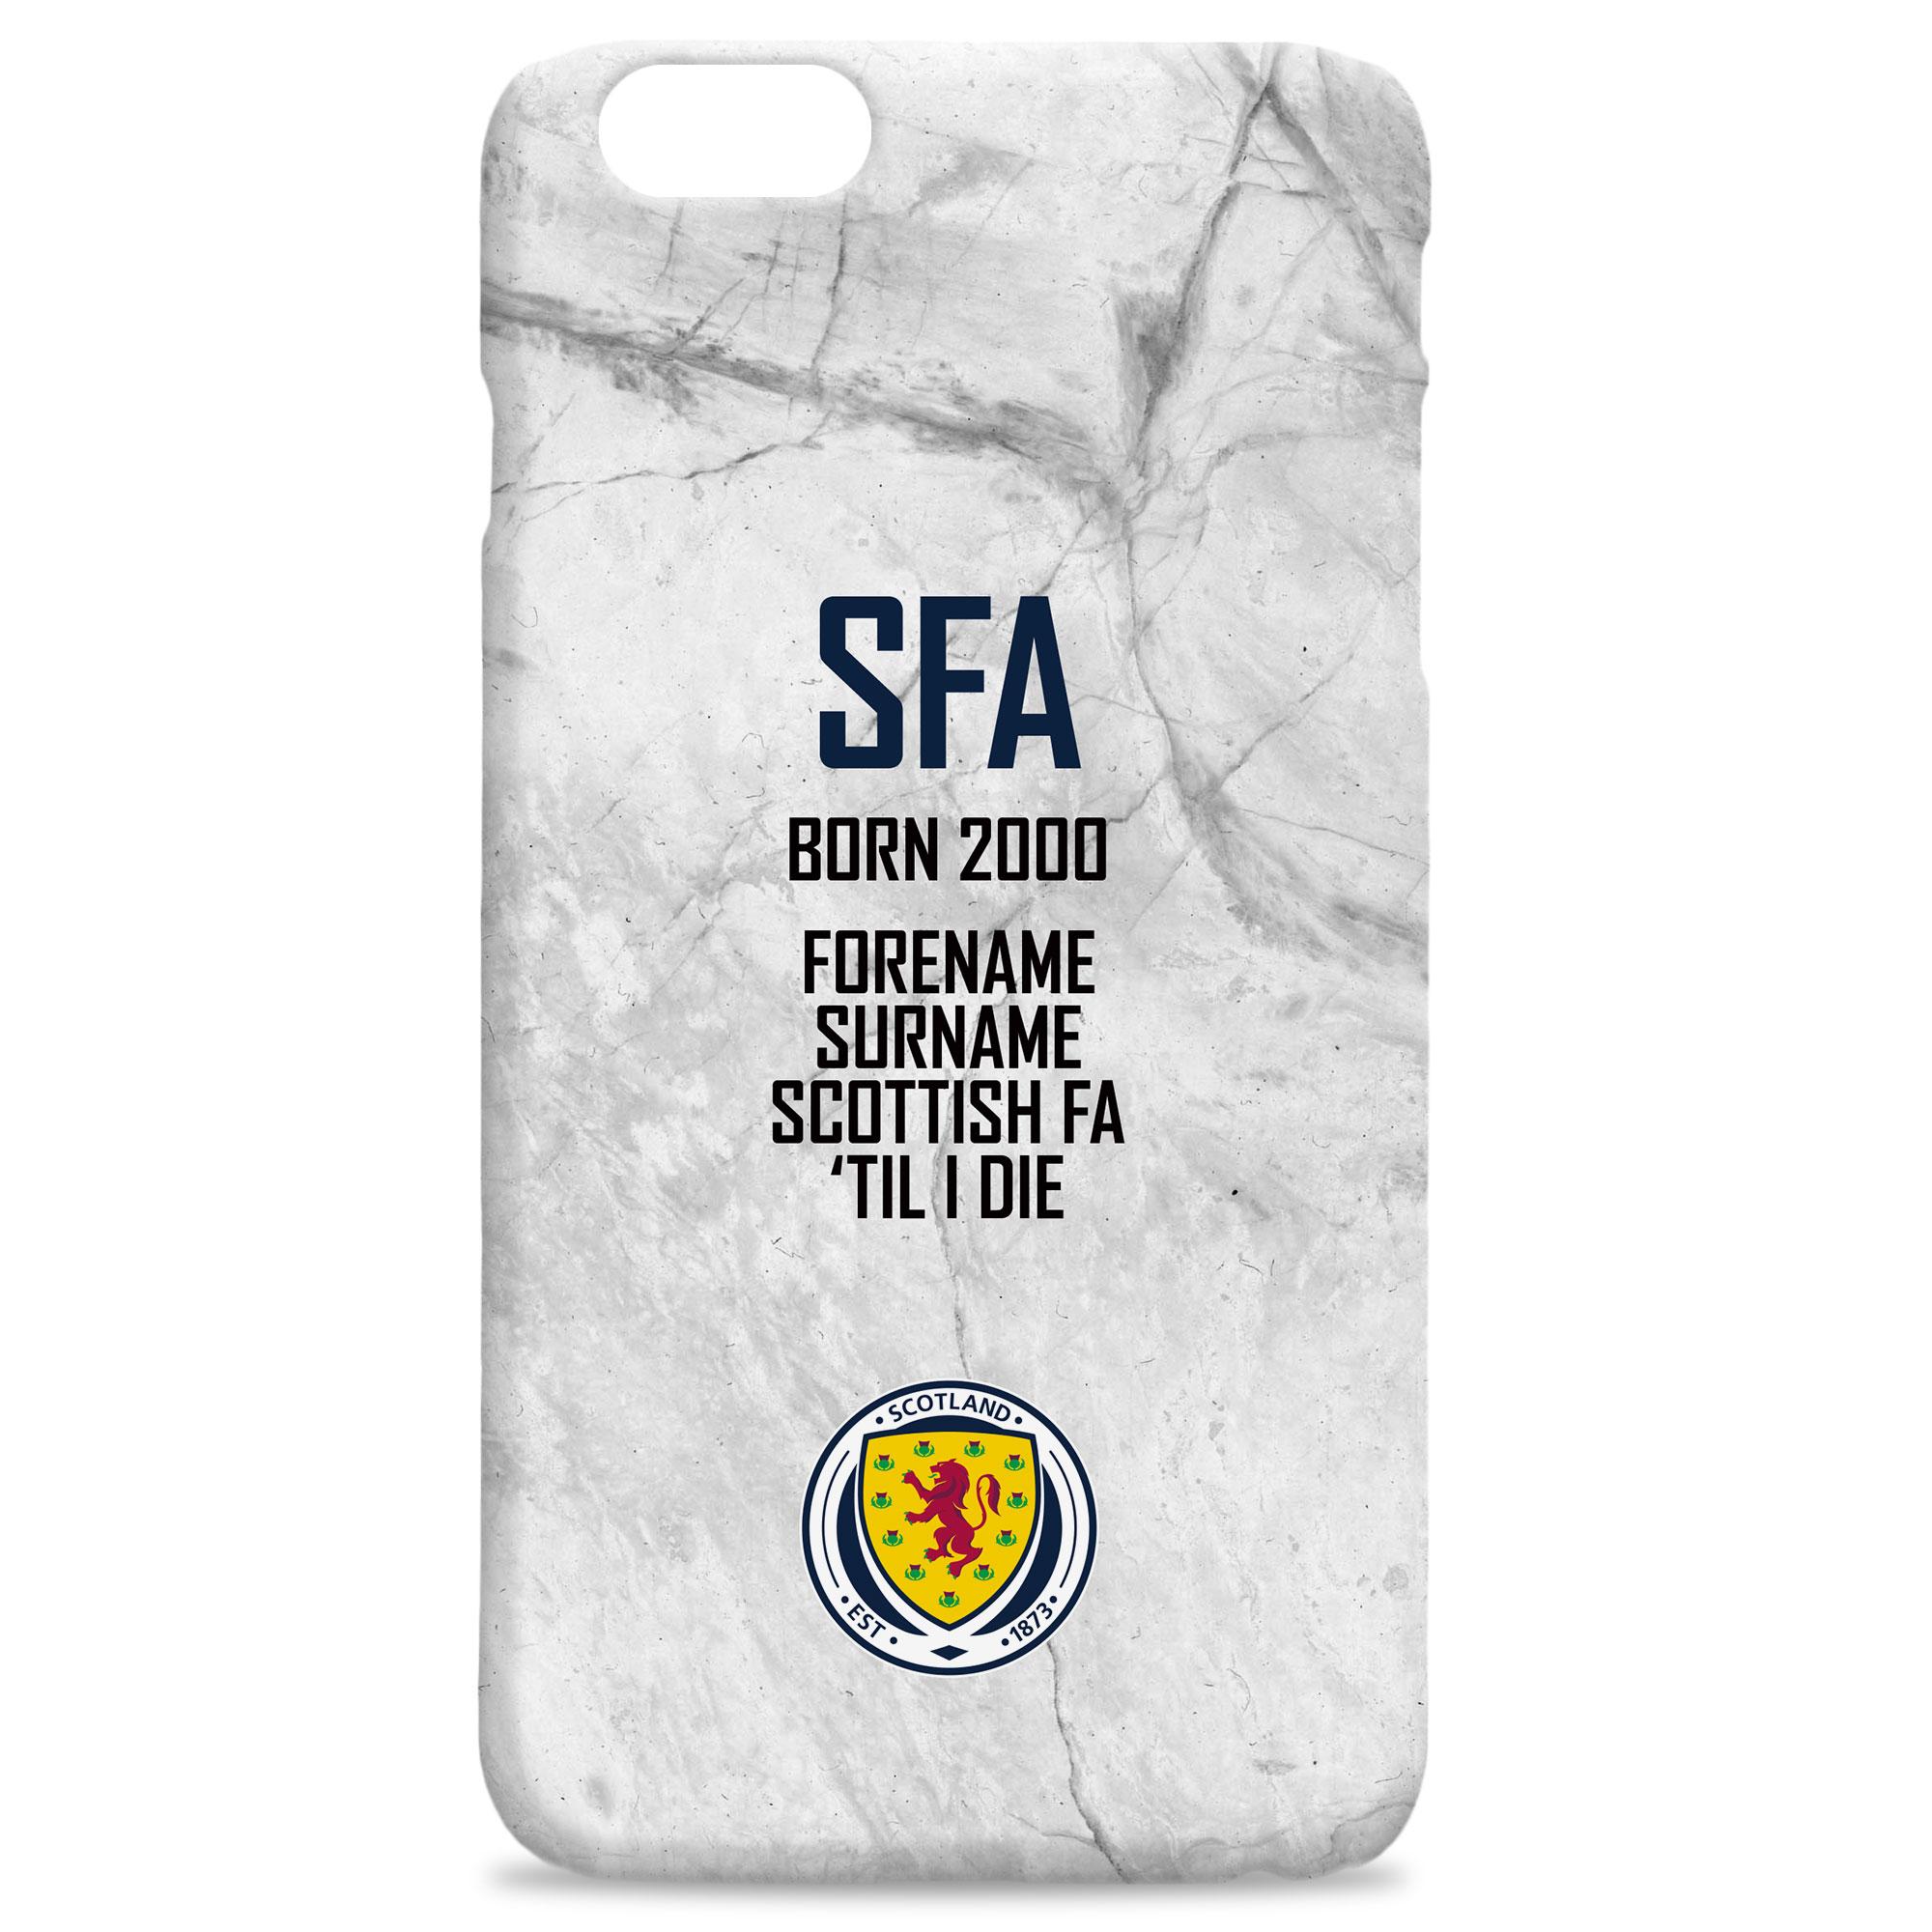 Scotland 'Til I Die Hard Back Phone Case